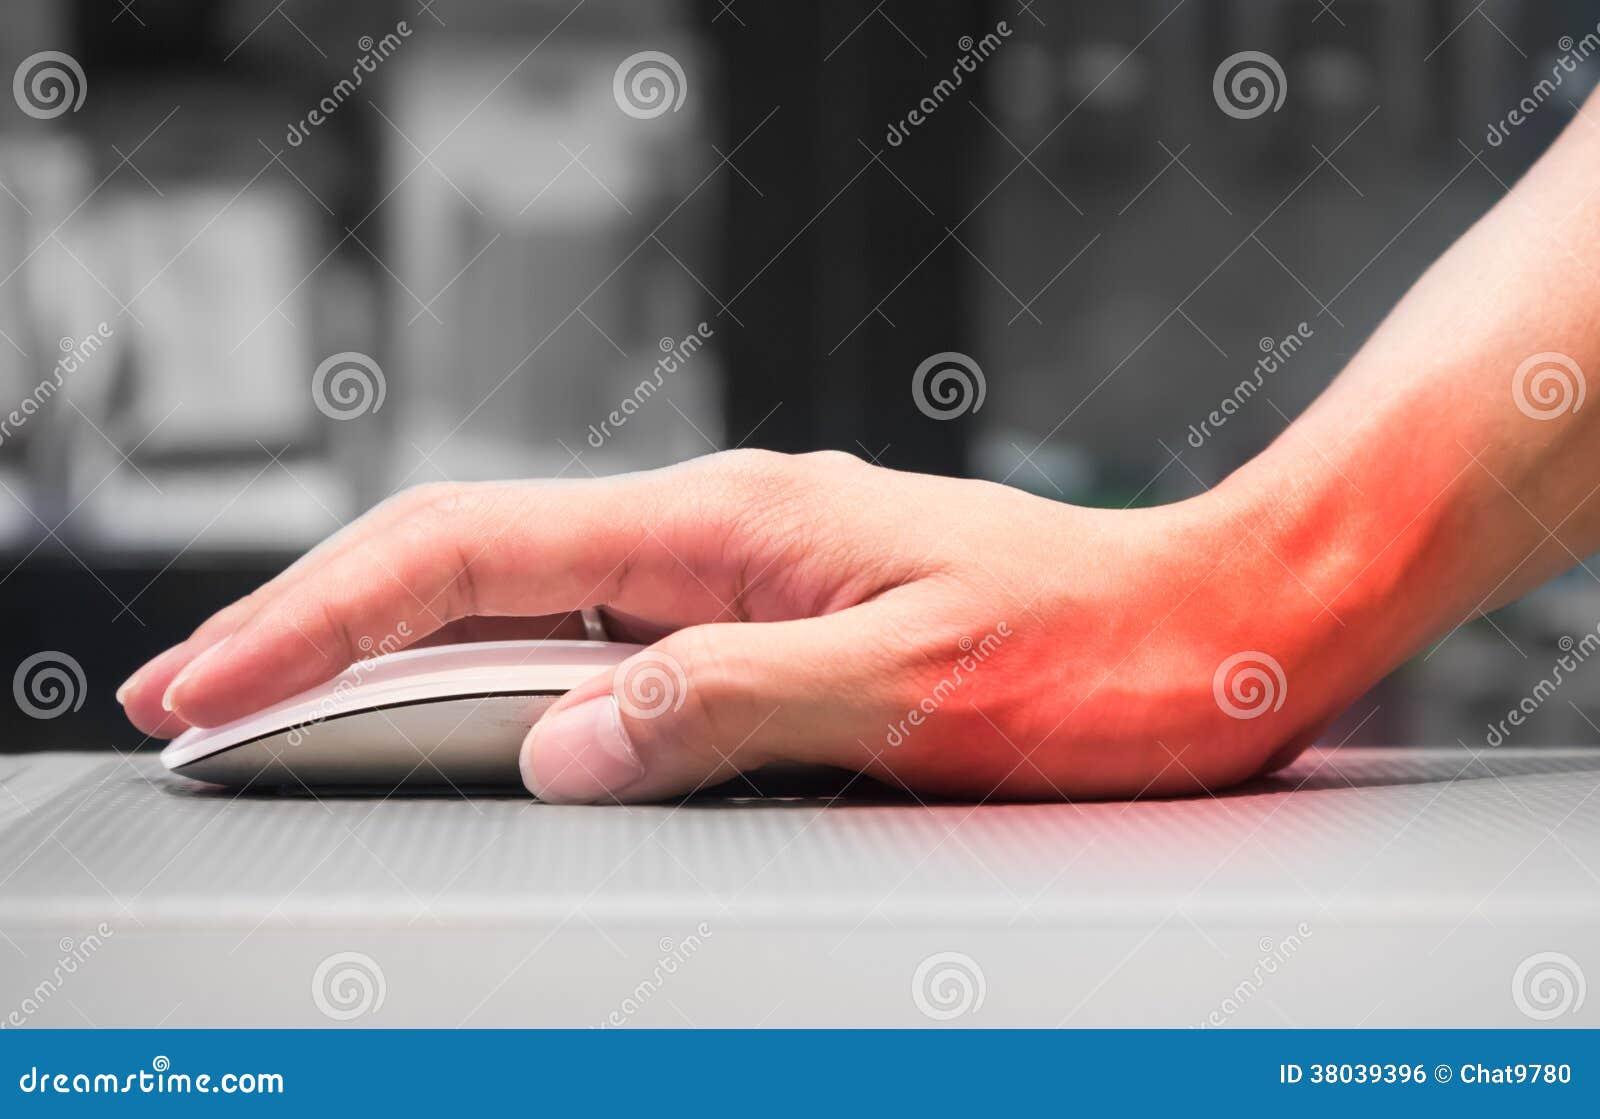 main tenant la souris d 39 ordinateur ayant la douleur de poignet image libre de droits image. Black Bedroom Furniture Sets. Home Design Ideas